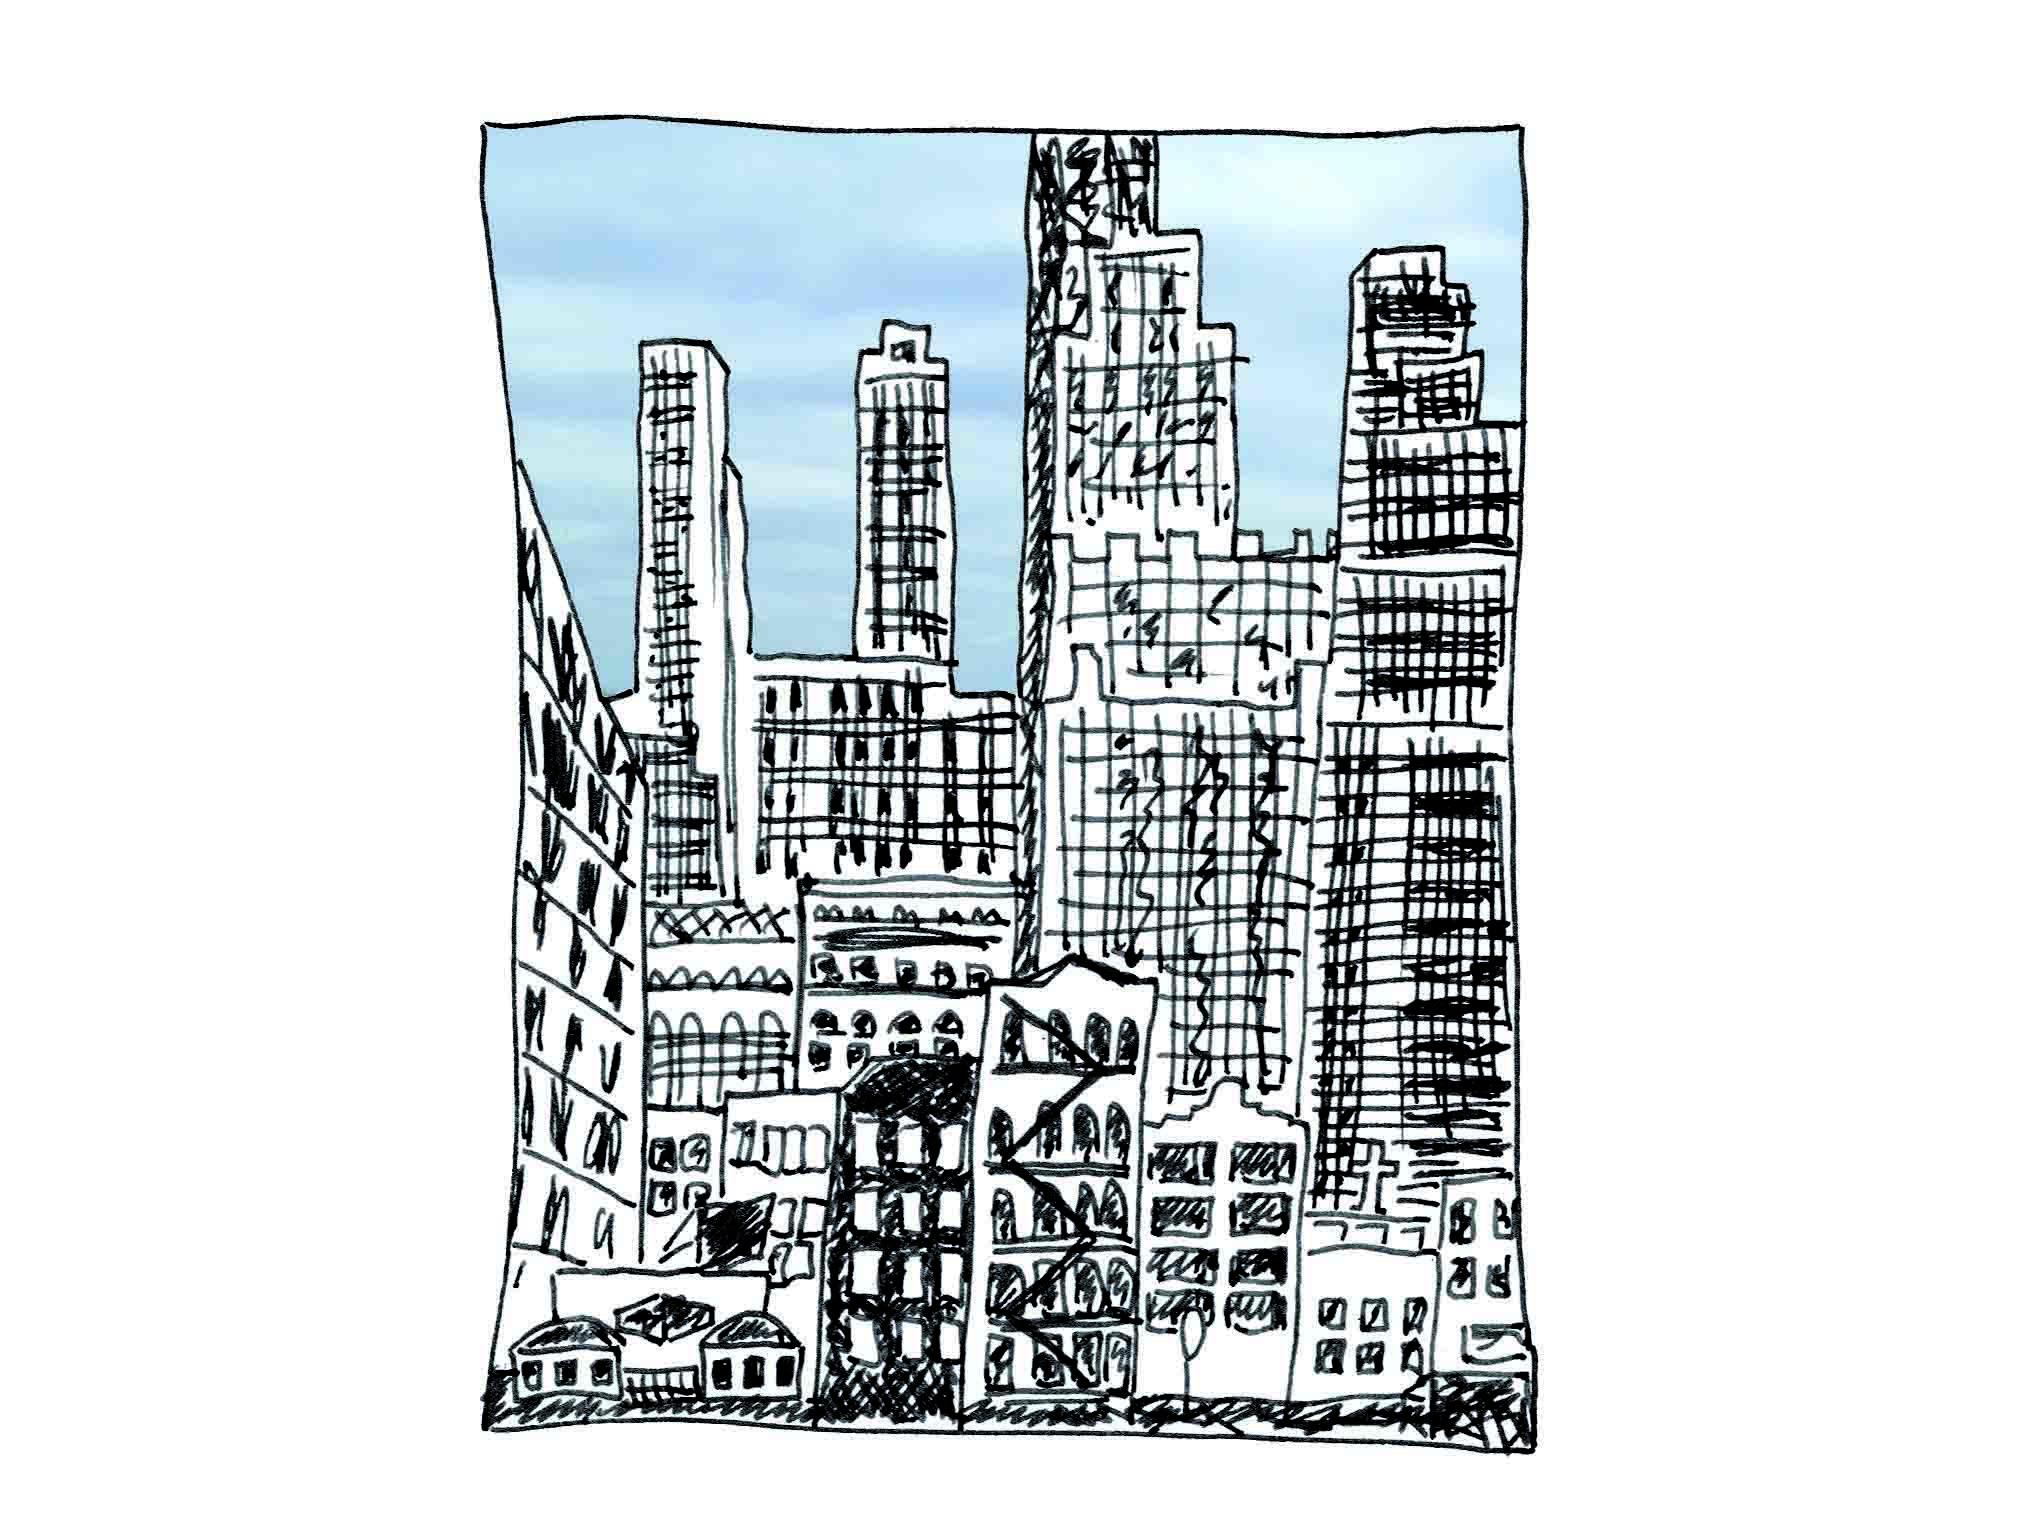 Tintezeichnung der New Yorker Skyline, Ausschnitt